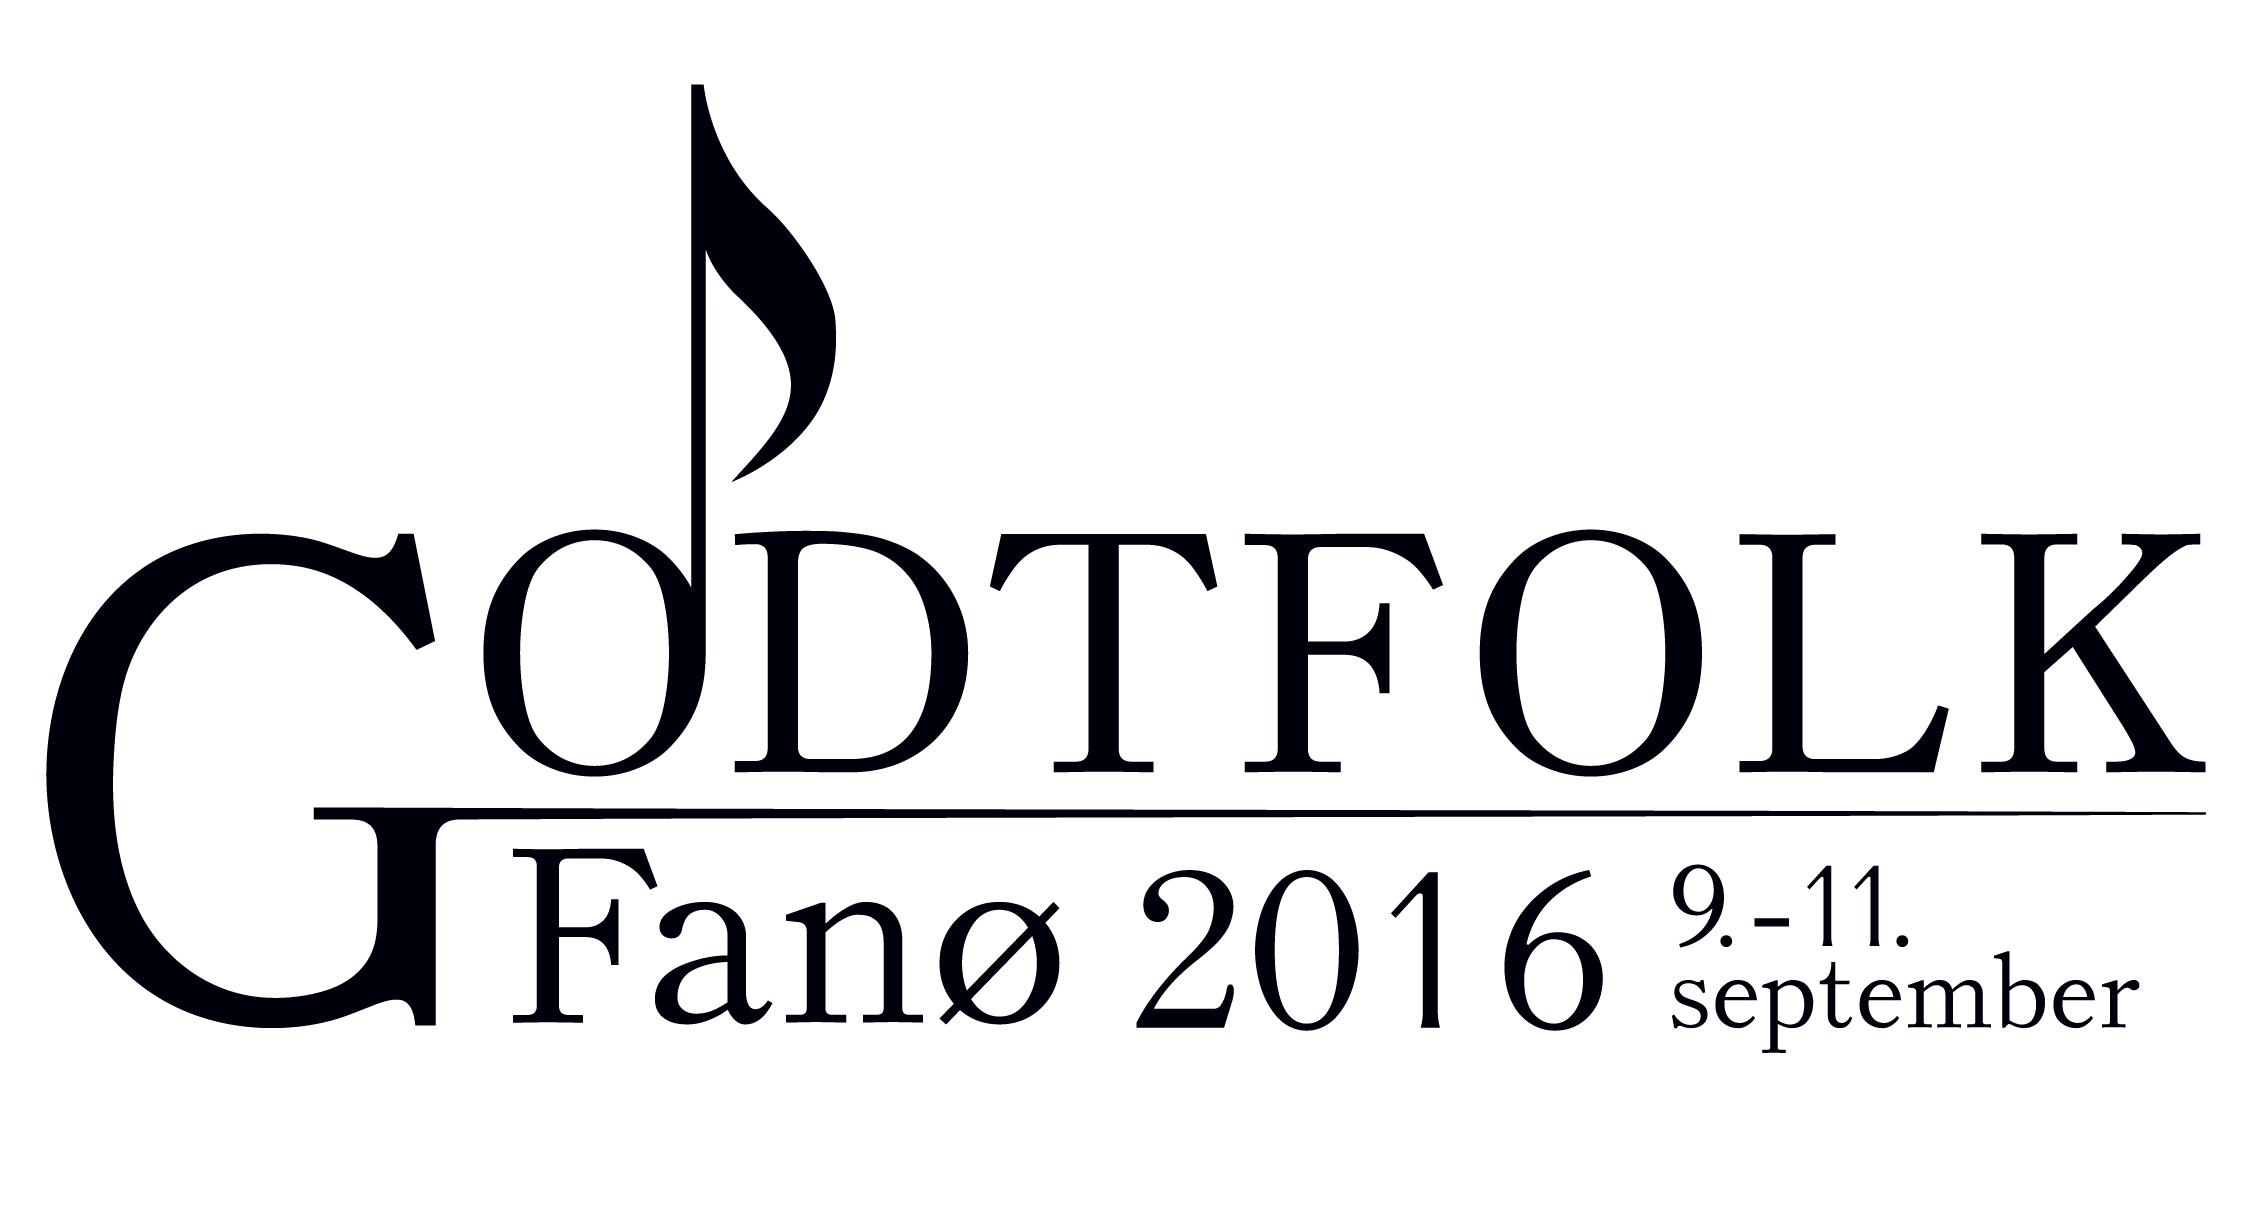 Godtfolk Festival logo sort